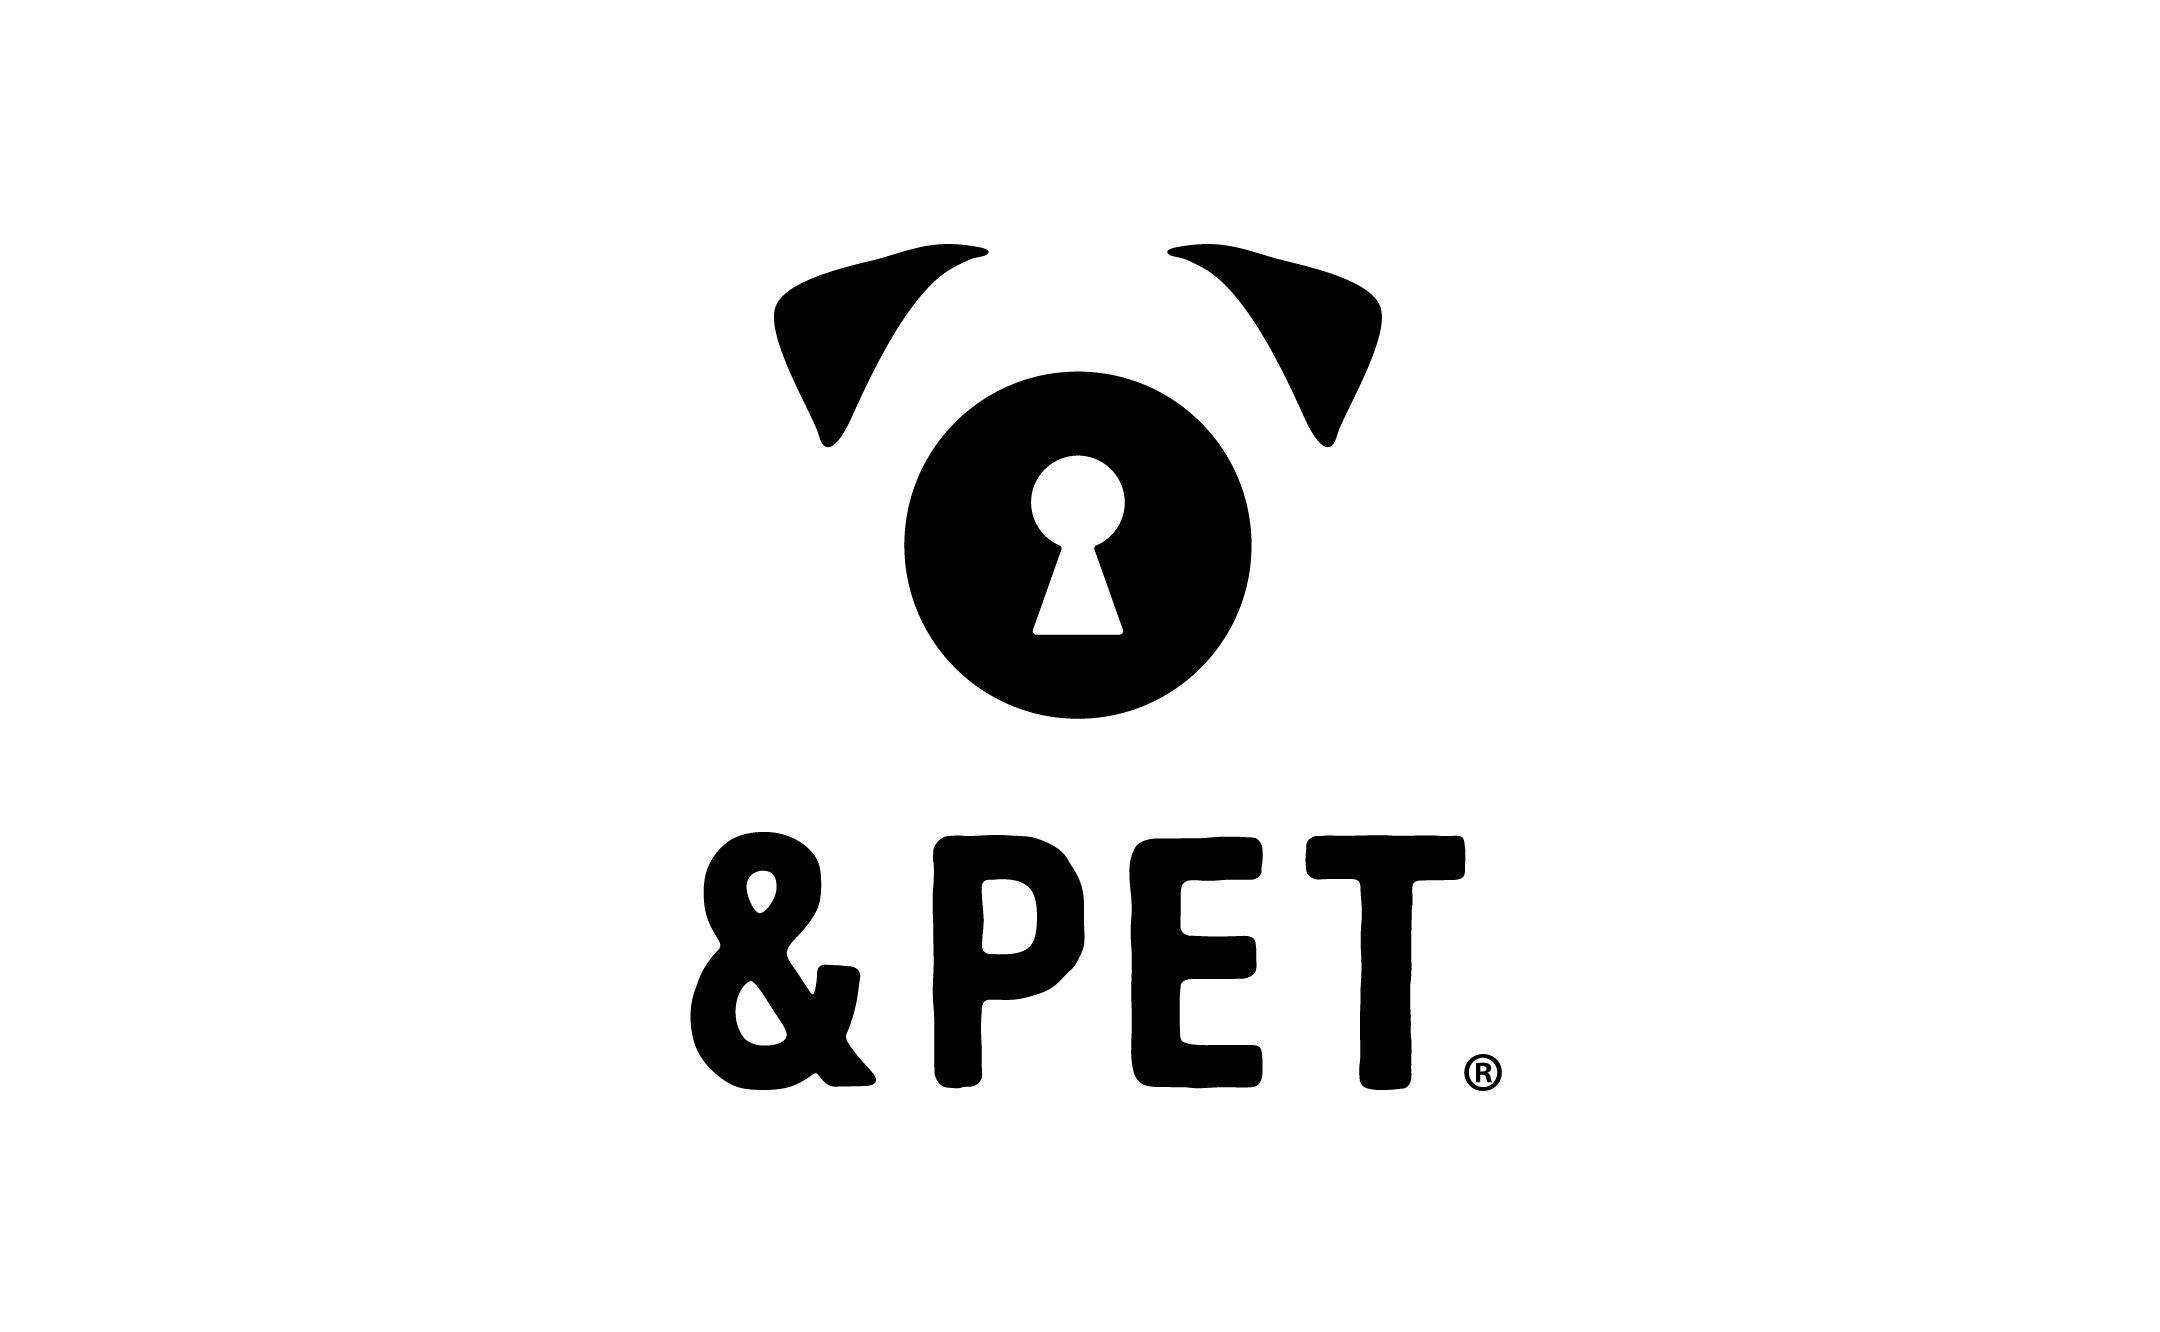 ペット専門の不動産屋 &PET ロゴ・ネーミング制作